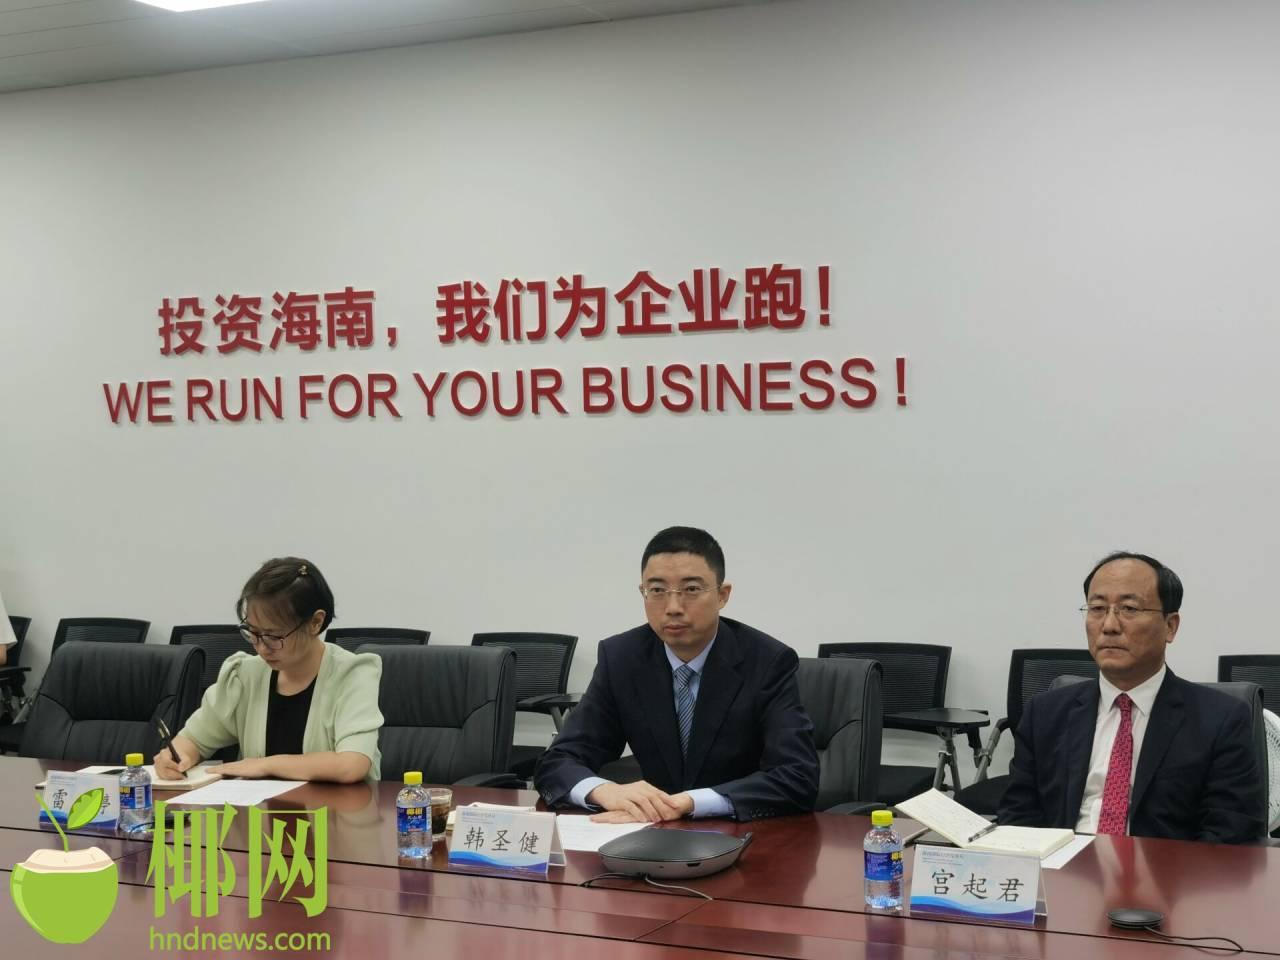 海南国际经济发展局与5家中资企业商协会签署合作备忘录